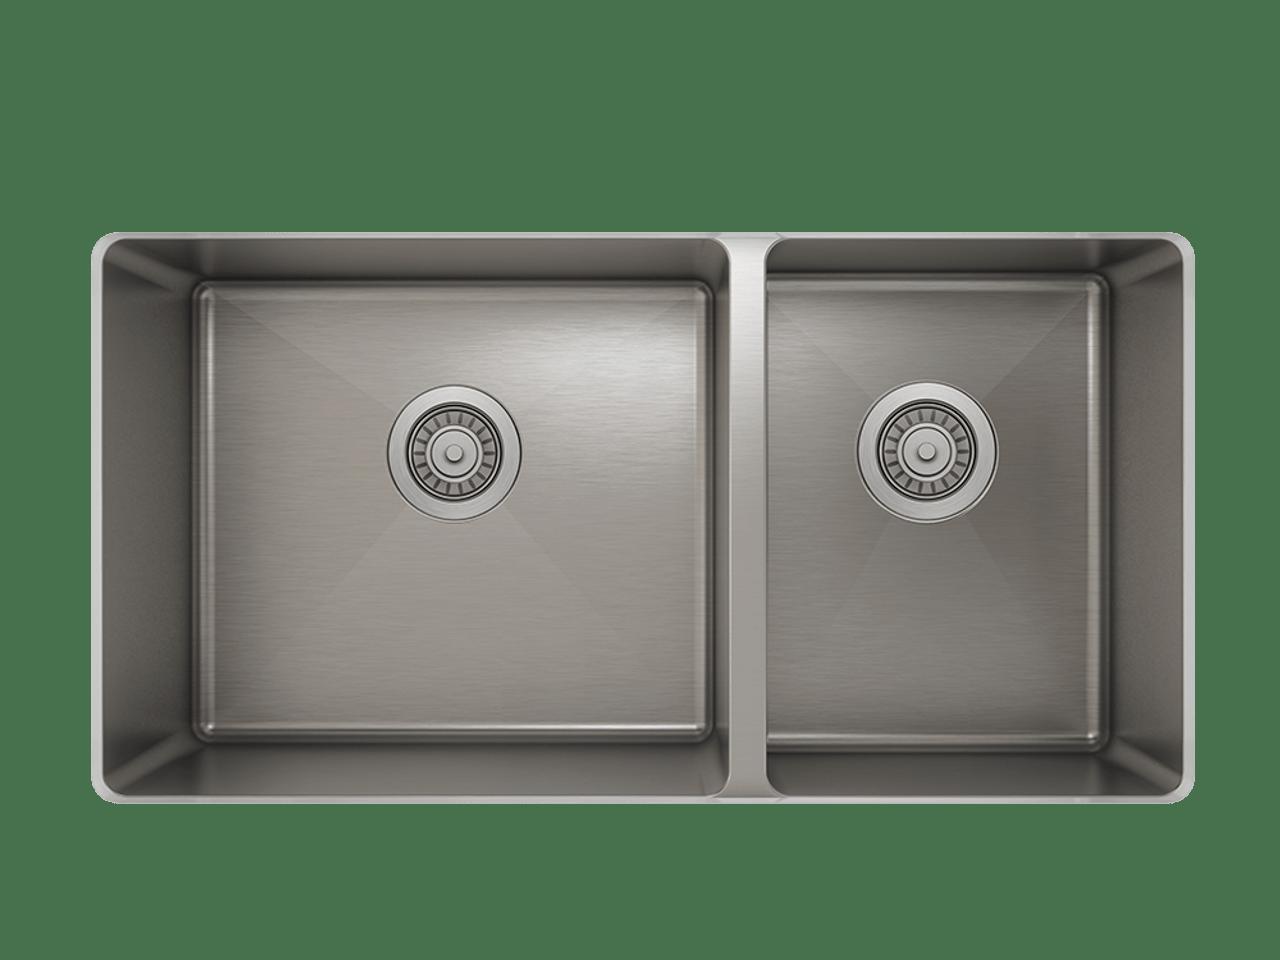 prochef proinox h75 60 40 double bowl undermount kitchen sink 30 x 16